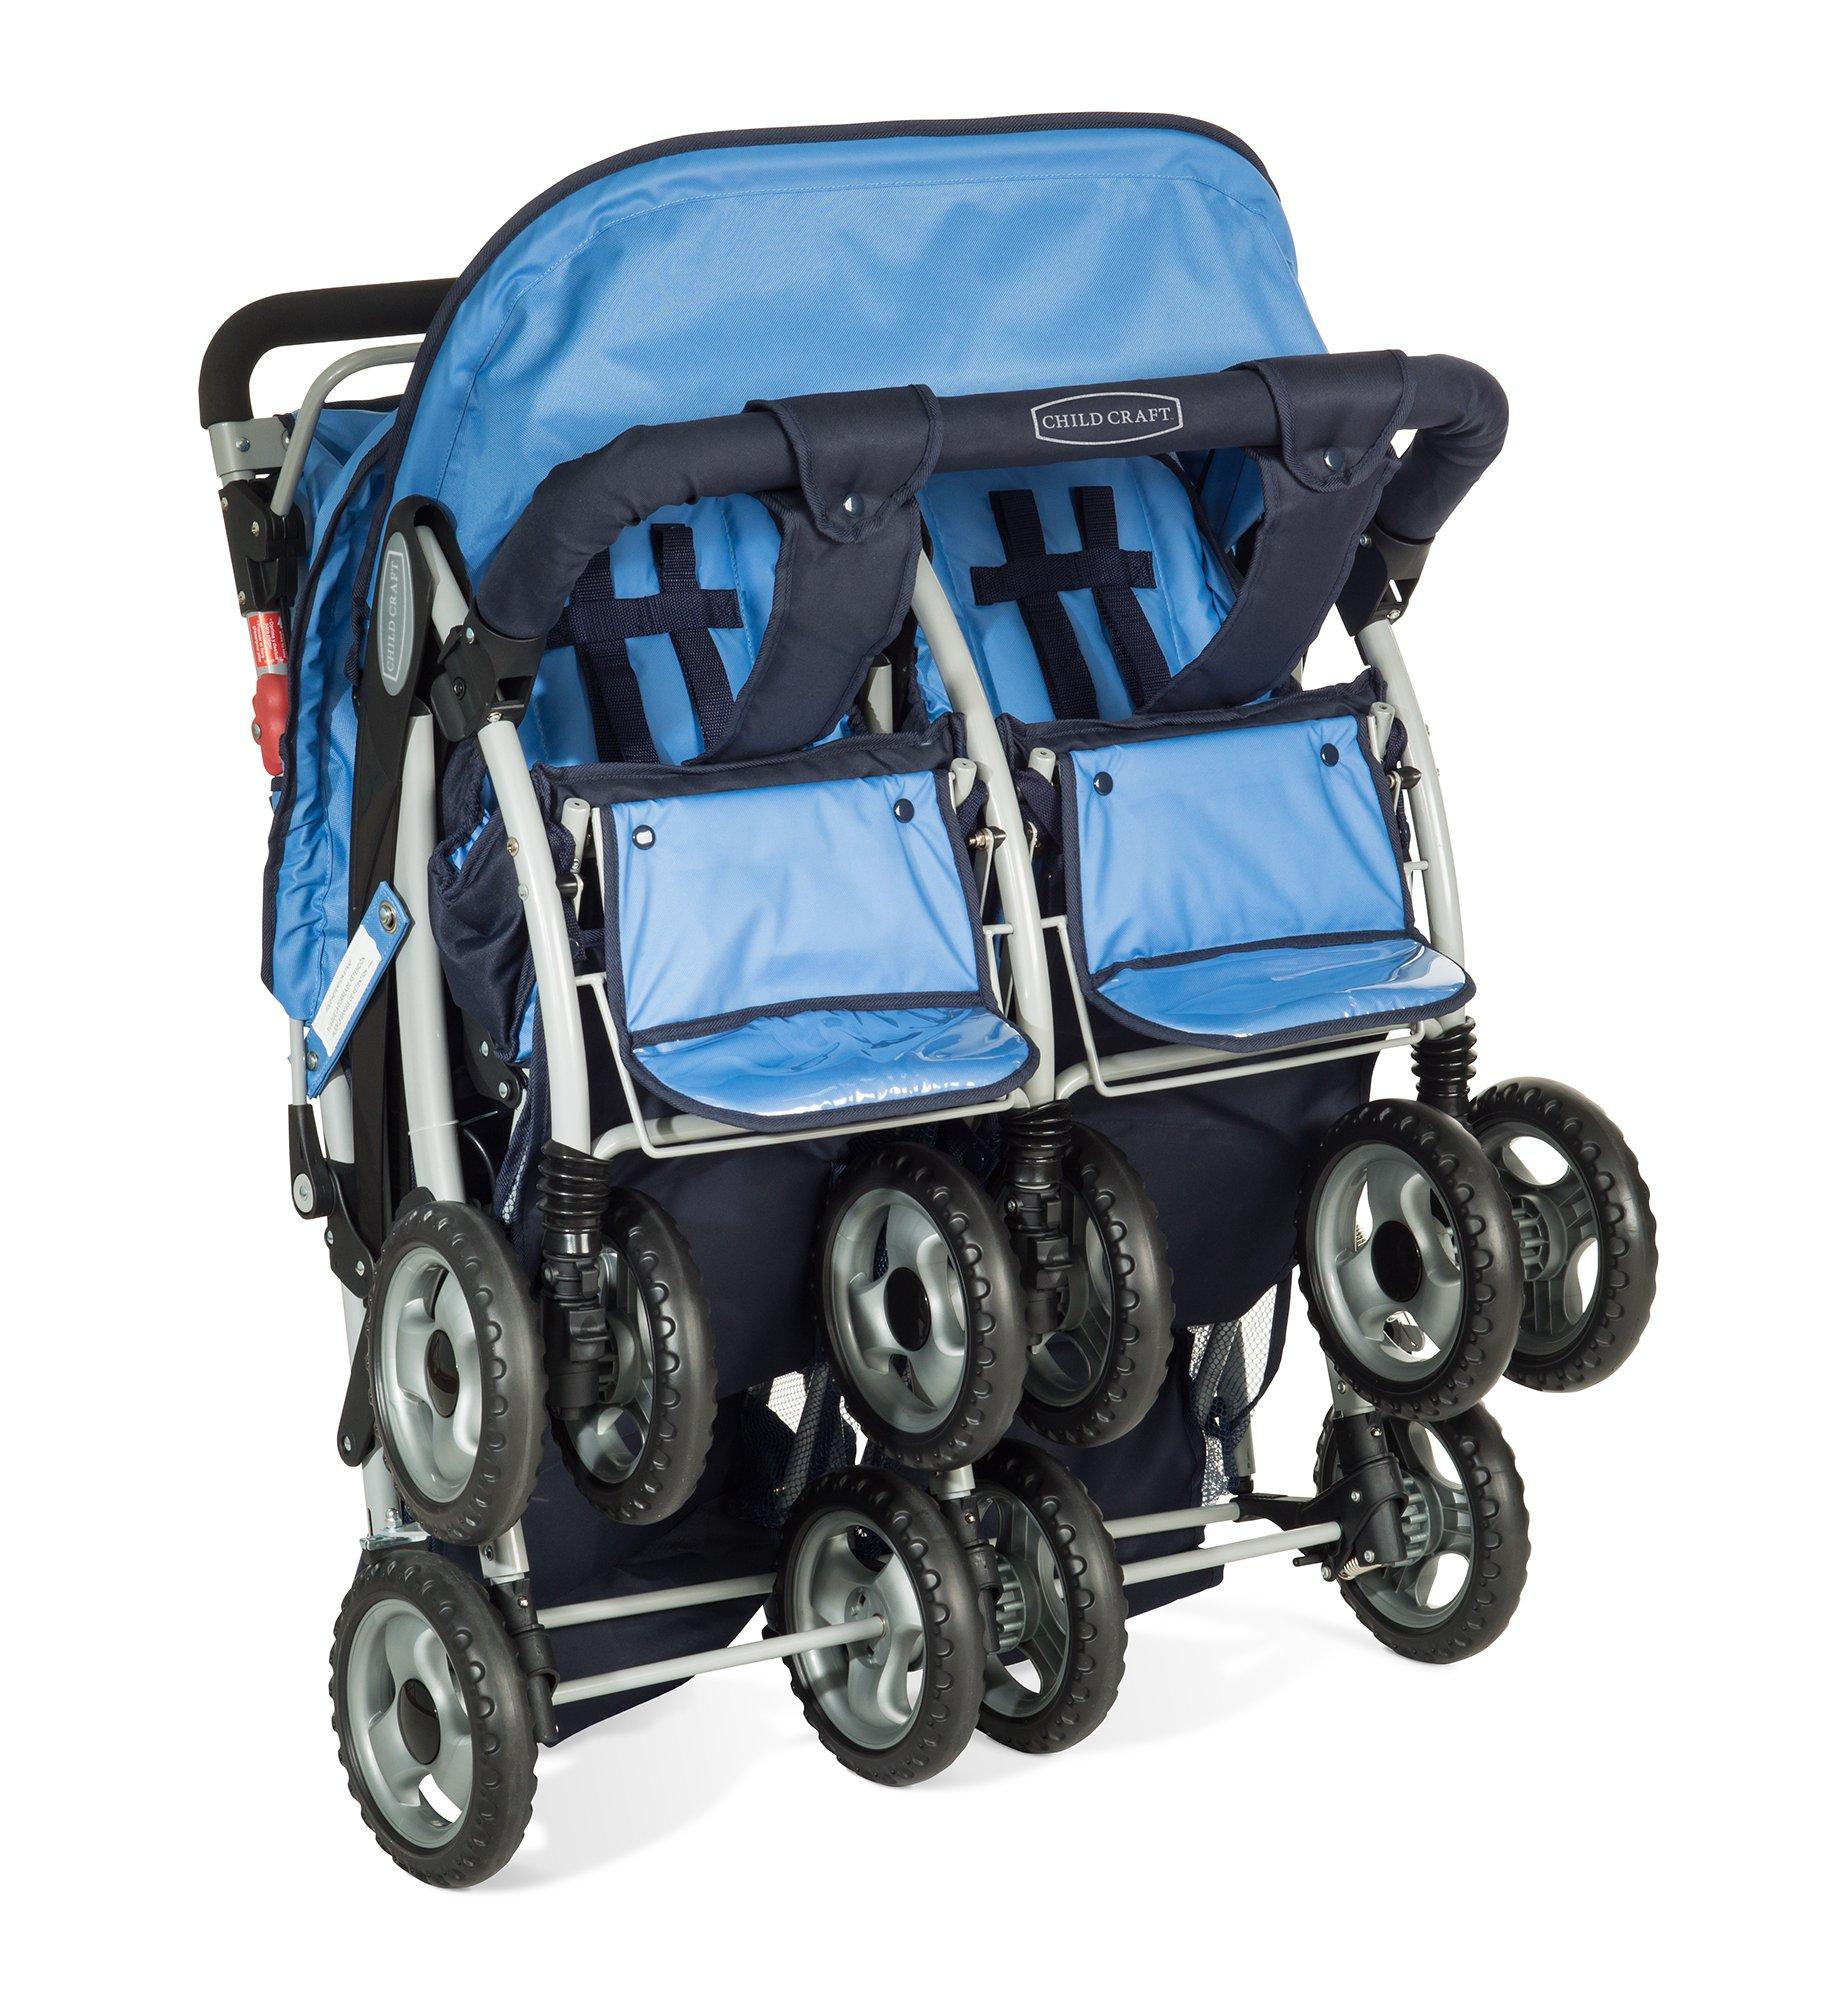 Child Craft Sport Multi-Child Quad Stroller, Regatta Blue by Child Craft (Image #2)